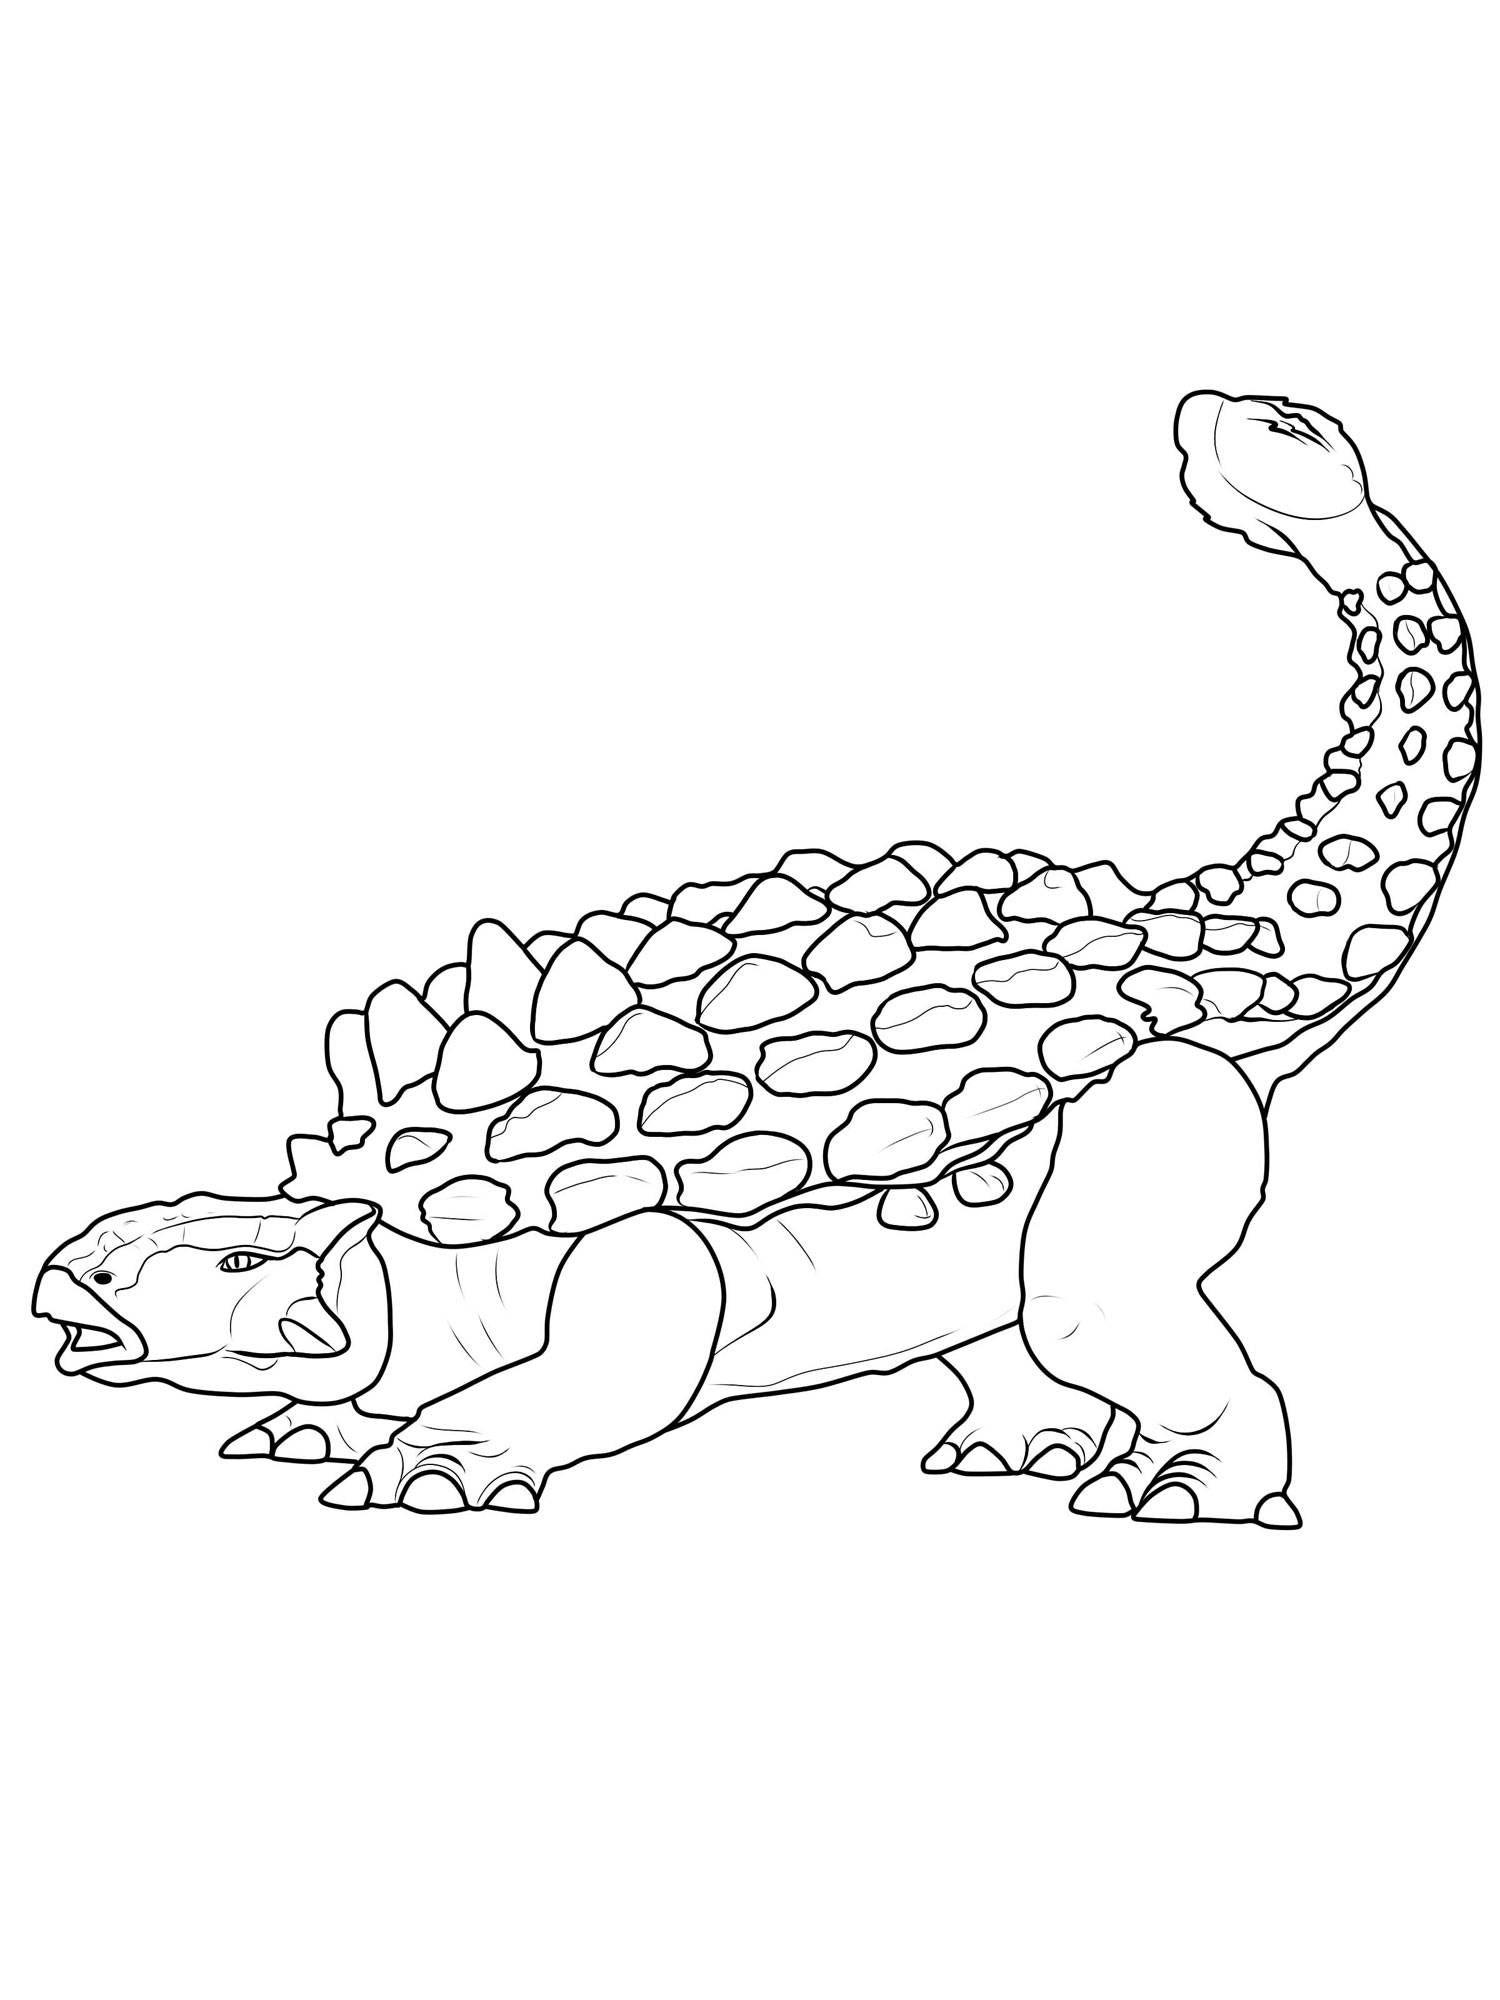 ausmalbilder dinosaurier zum ausdrucken  amorphi